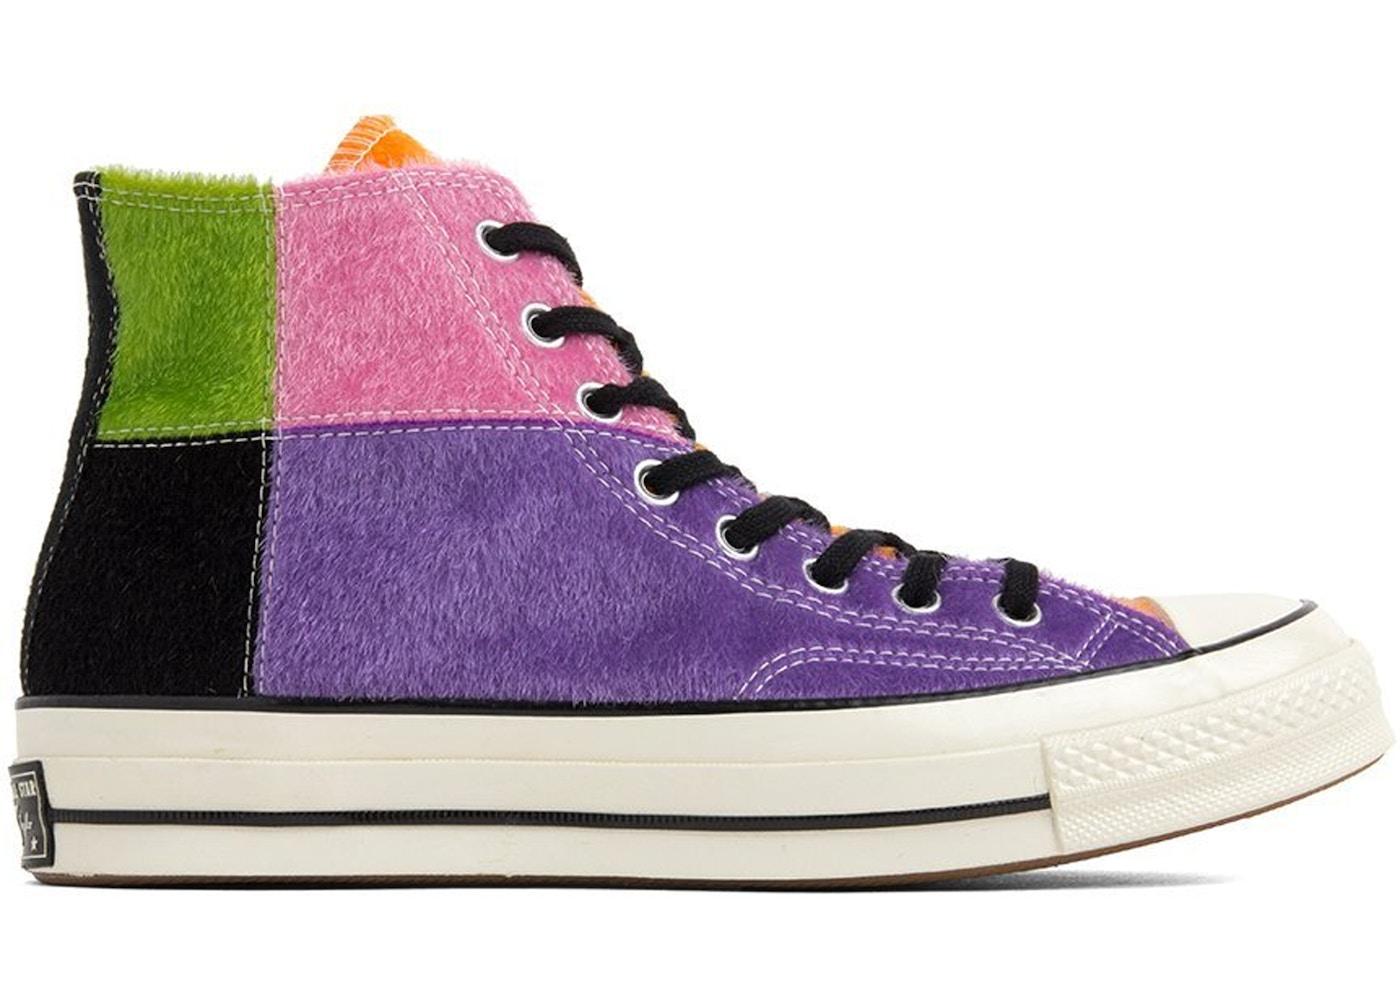 Converse Chuck Taylor All-Star 70s Hi Lilac Bubblegum